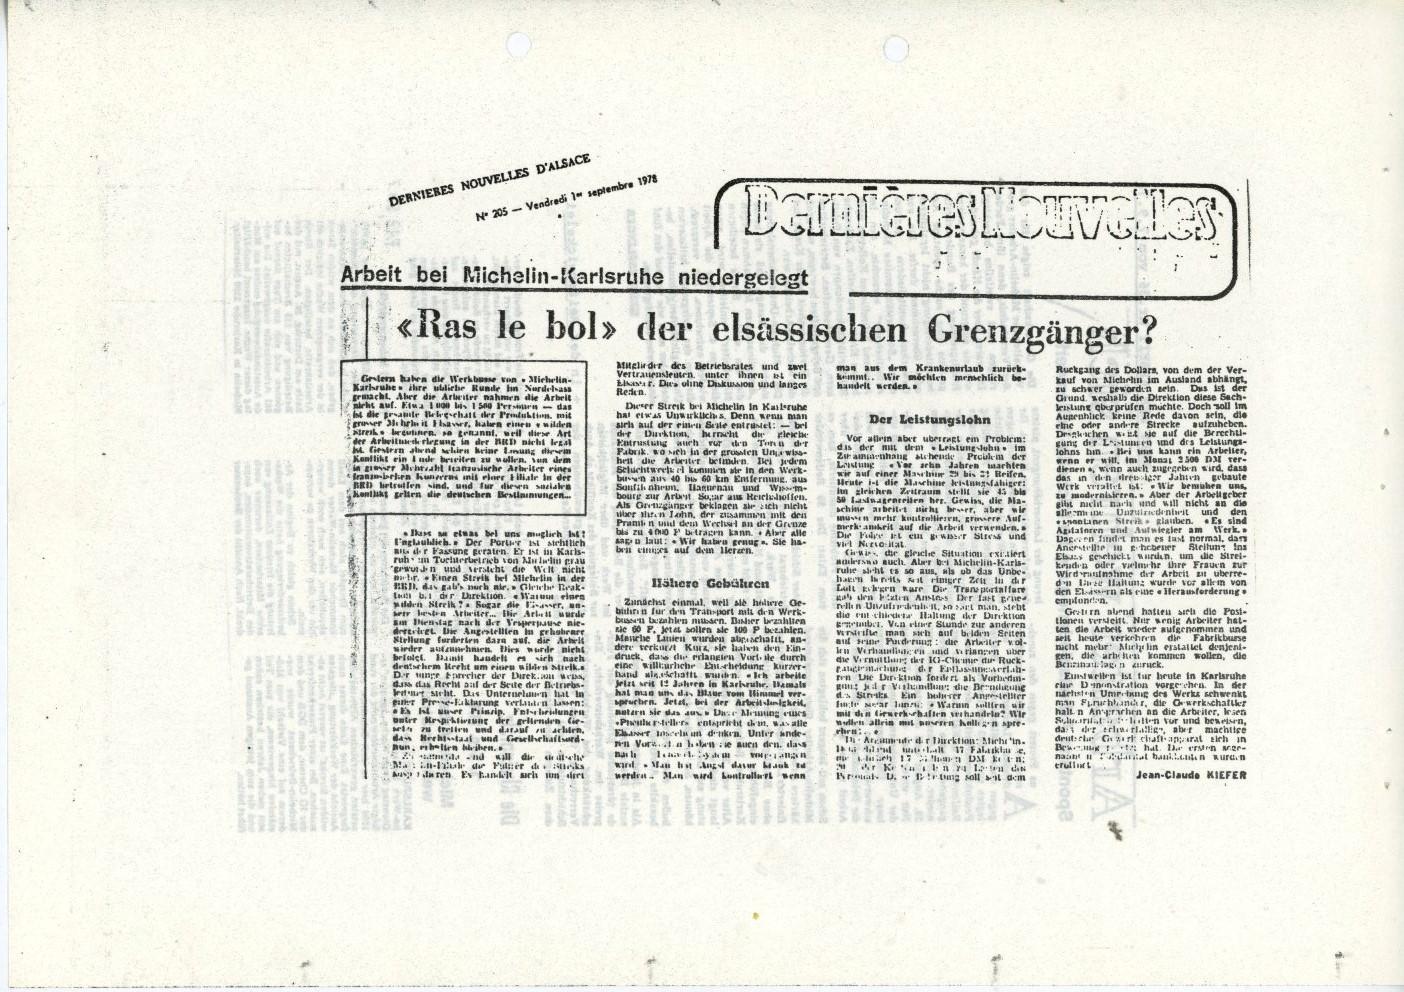 Karlsruhe_Michelin_IGCPK_Doku_zum_Arbeitskonflikt_1978_45